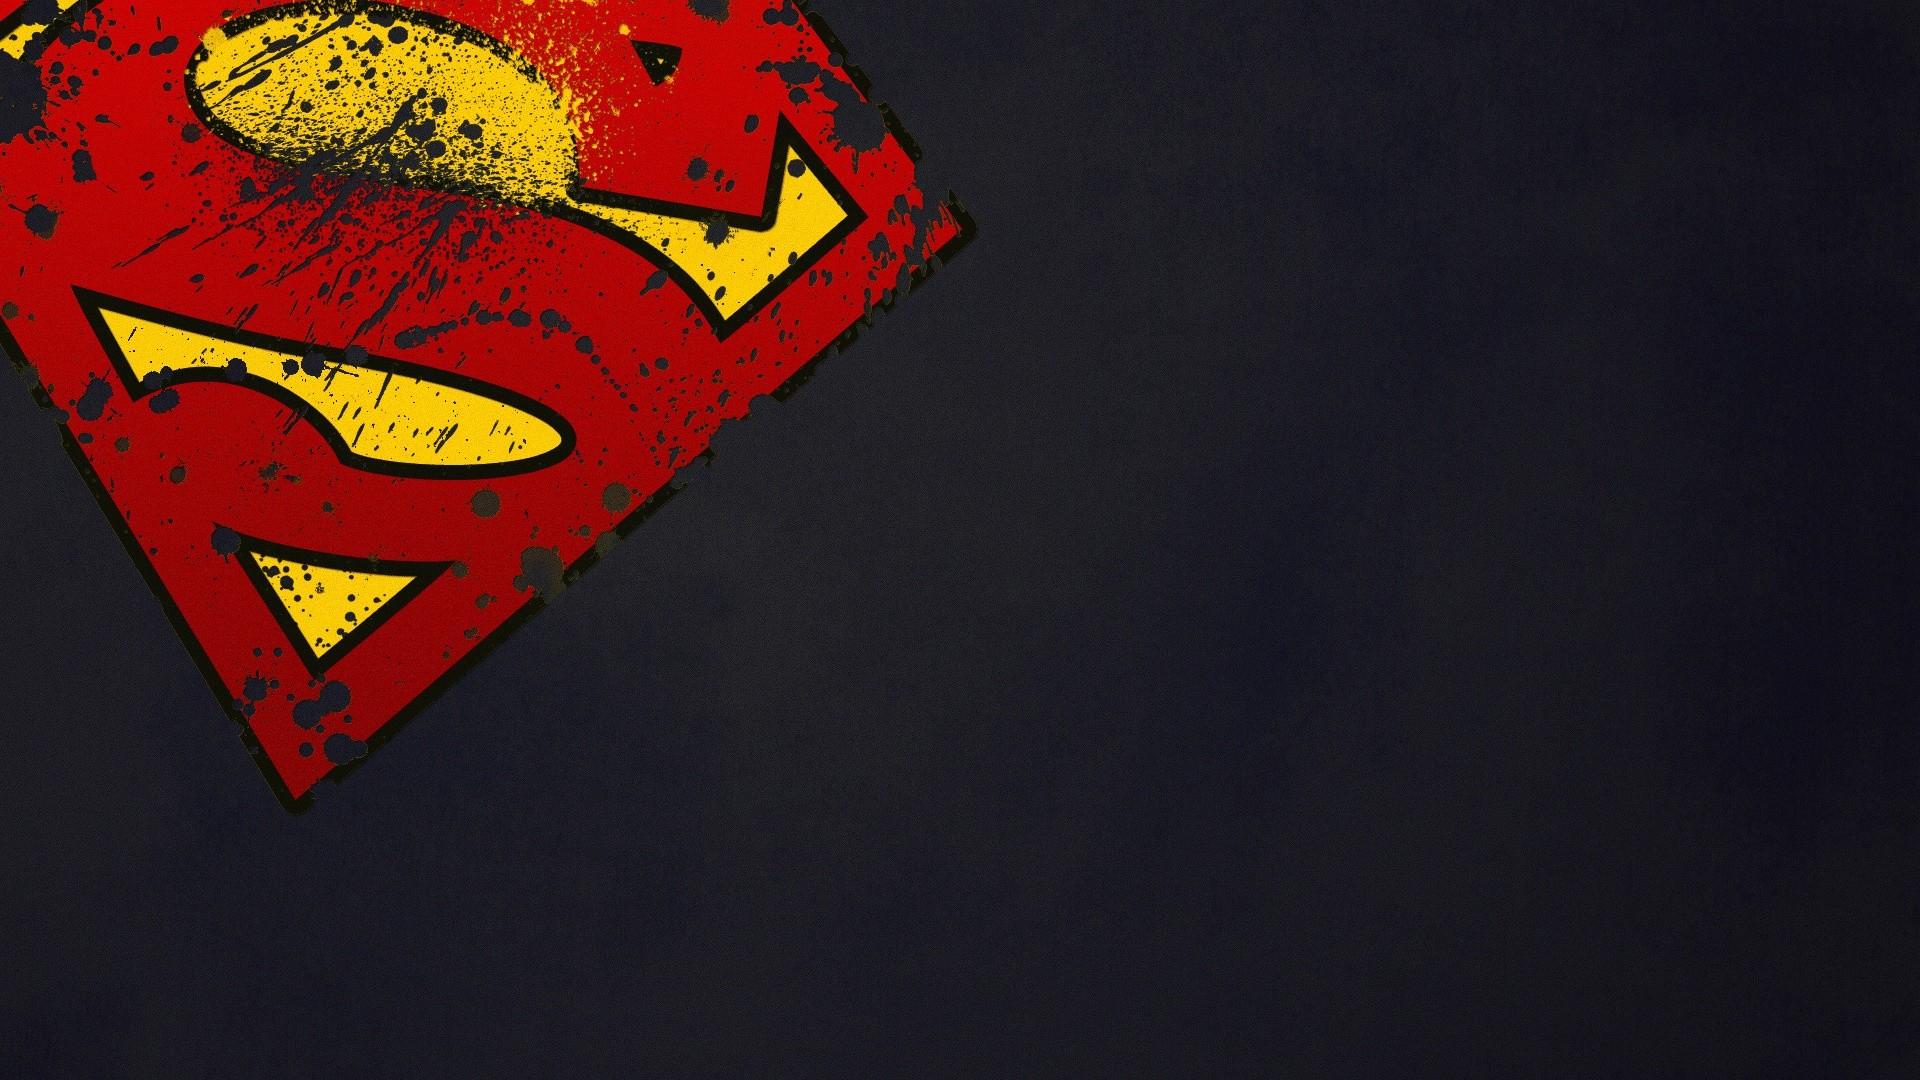 DC Comics Wallpaper 1920x1080 DC Comics Superman Superman Logo 1920x1080